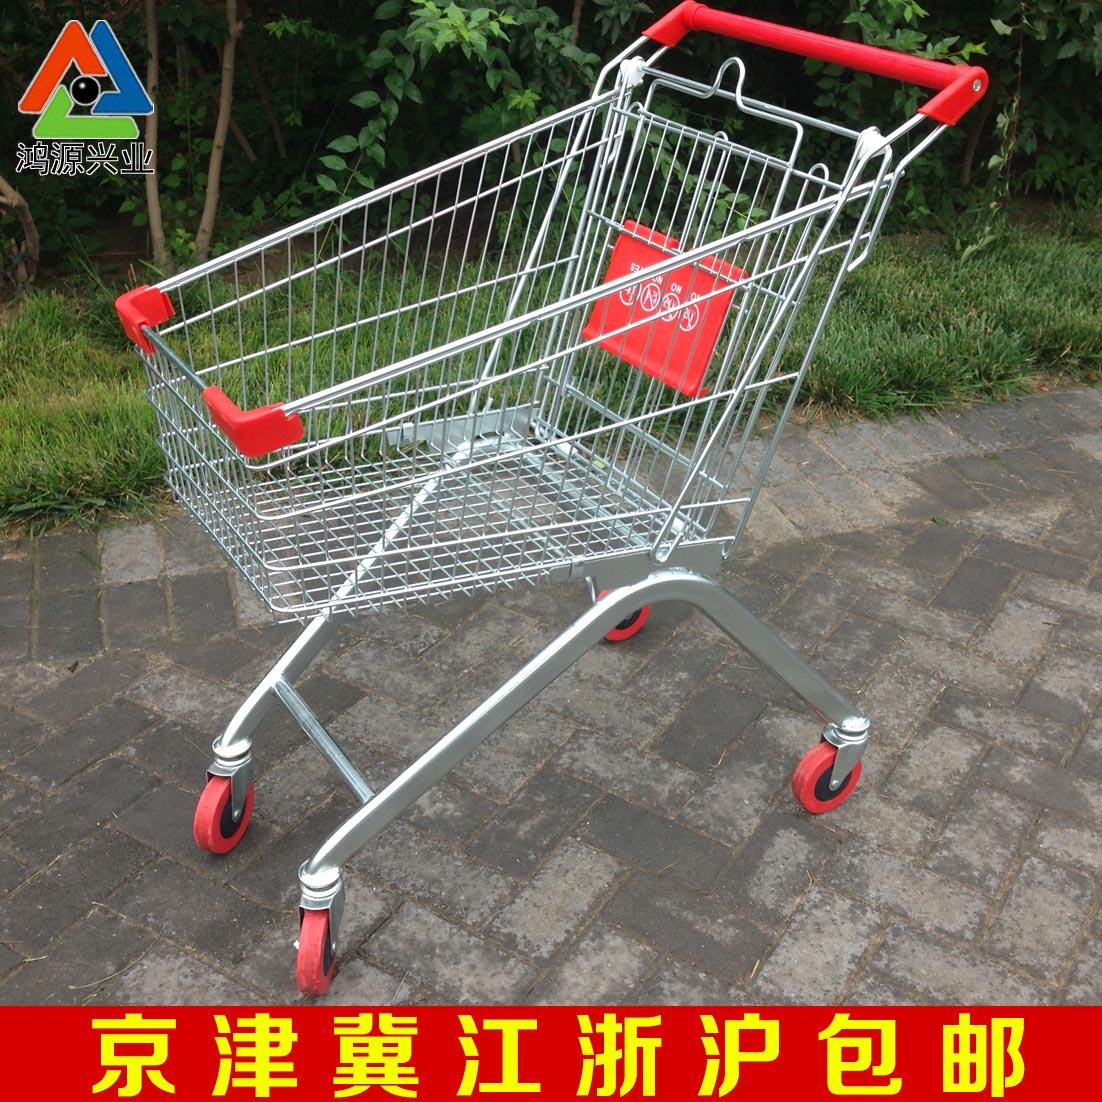 鴻源興業超市 車賣場小推車超市推車超市手推車推車超市 車